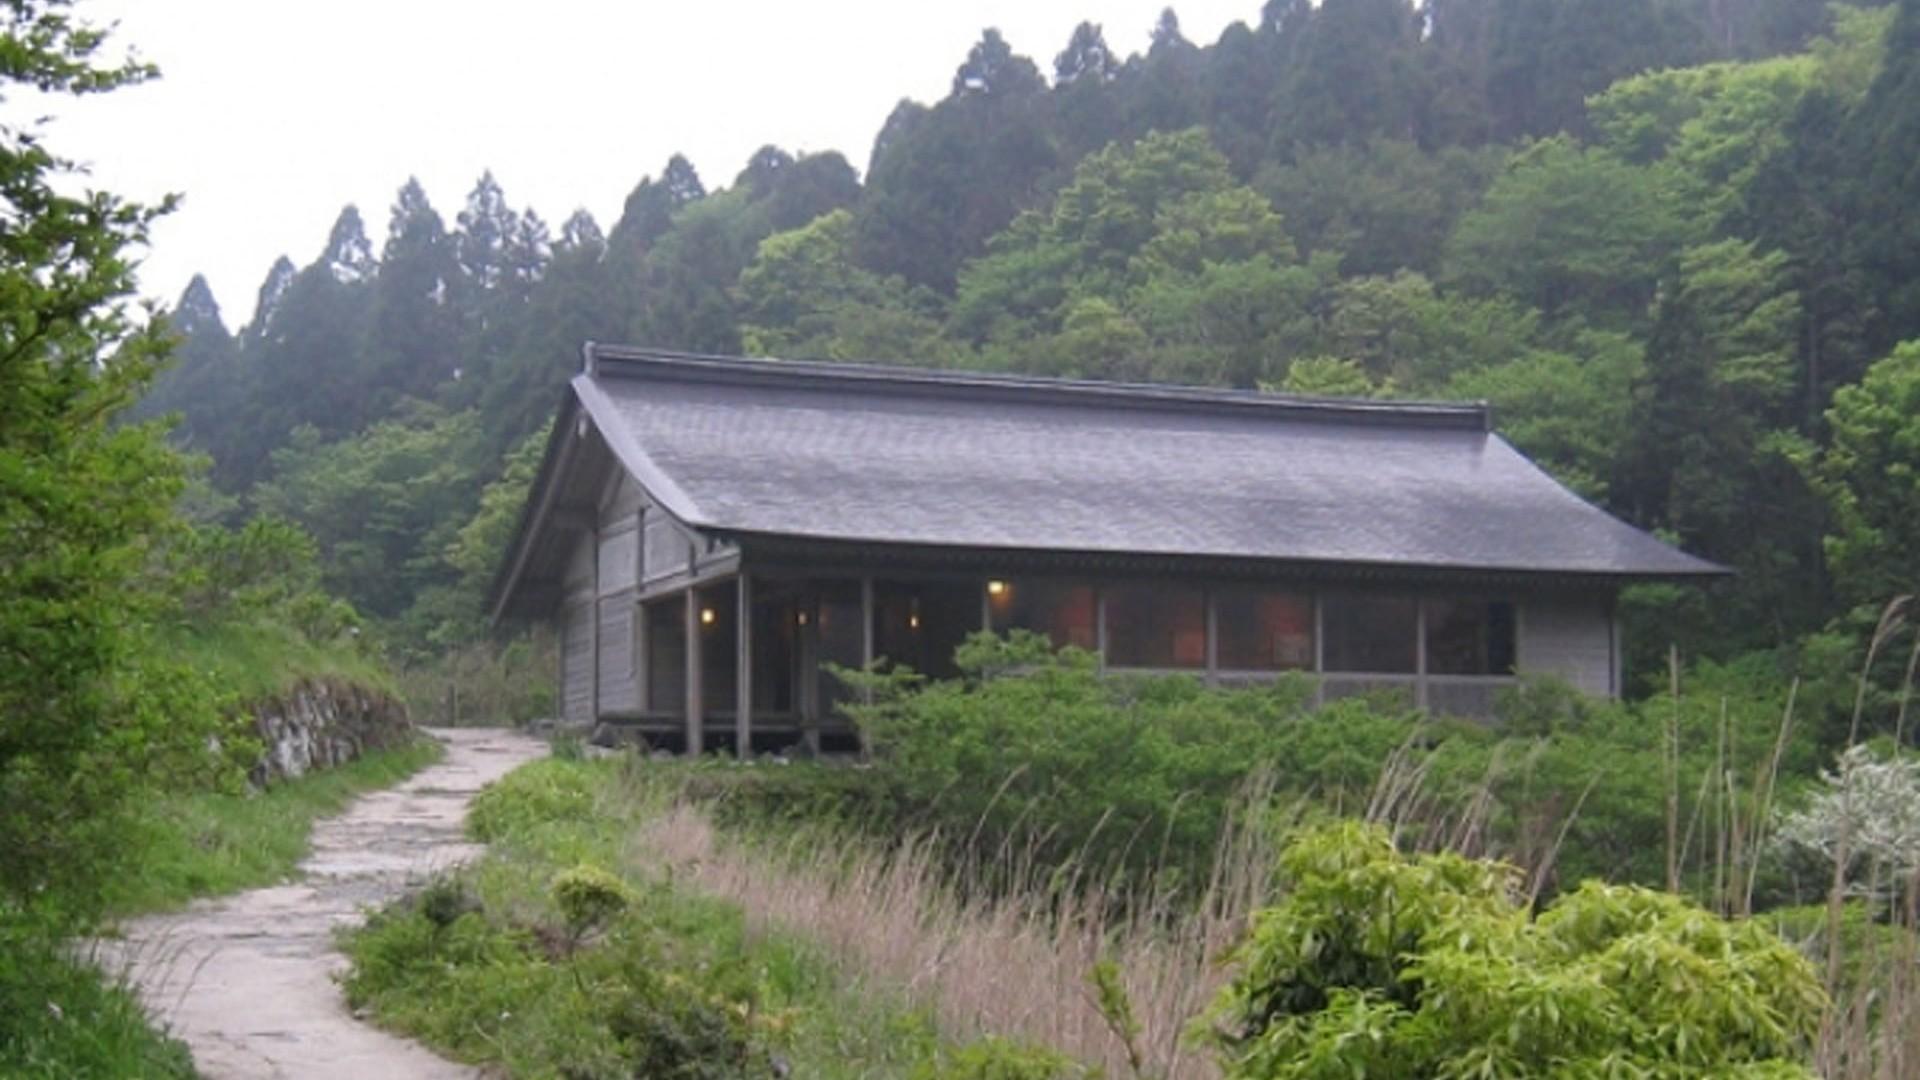 พระพุทธรูปหินและพิพิธภัณฑ์ประวัติศาสตร์